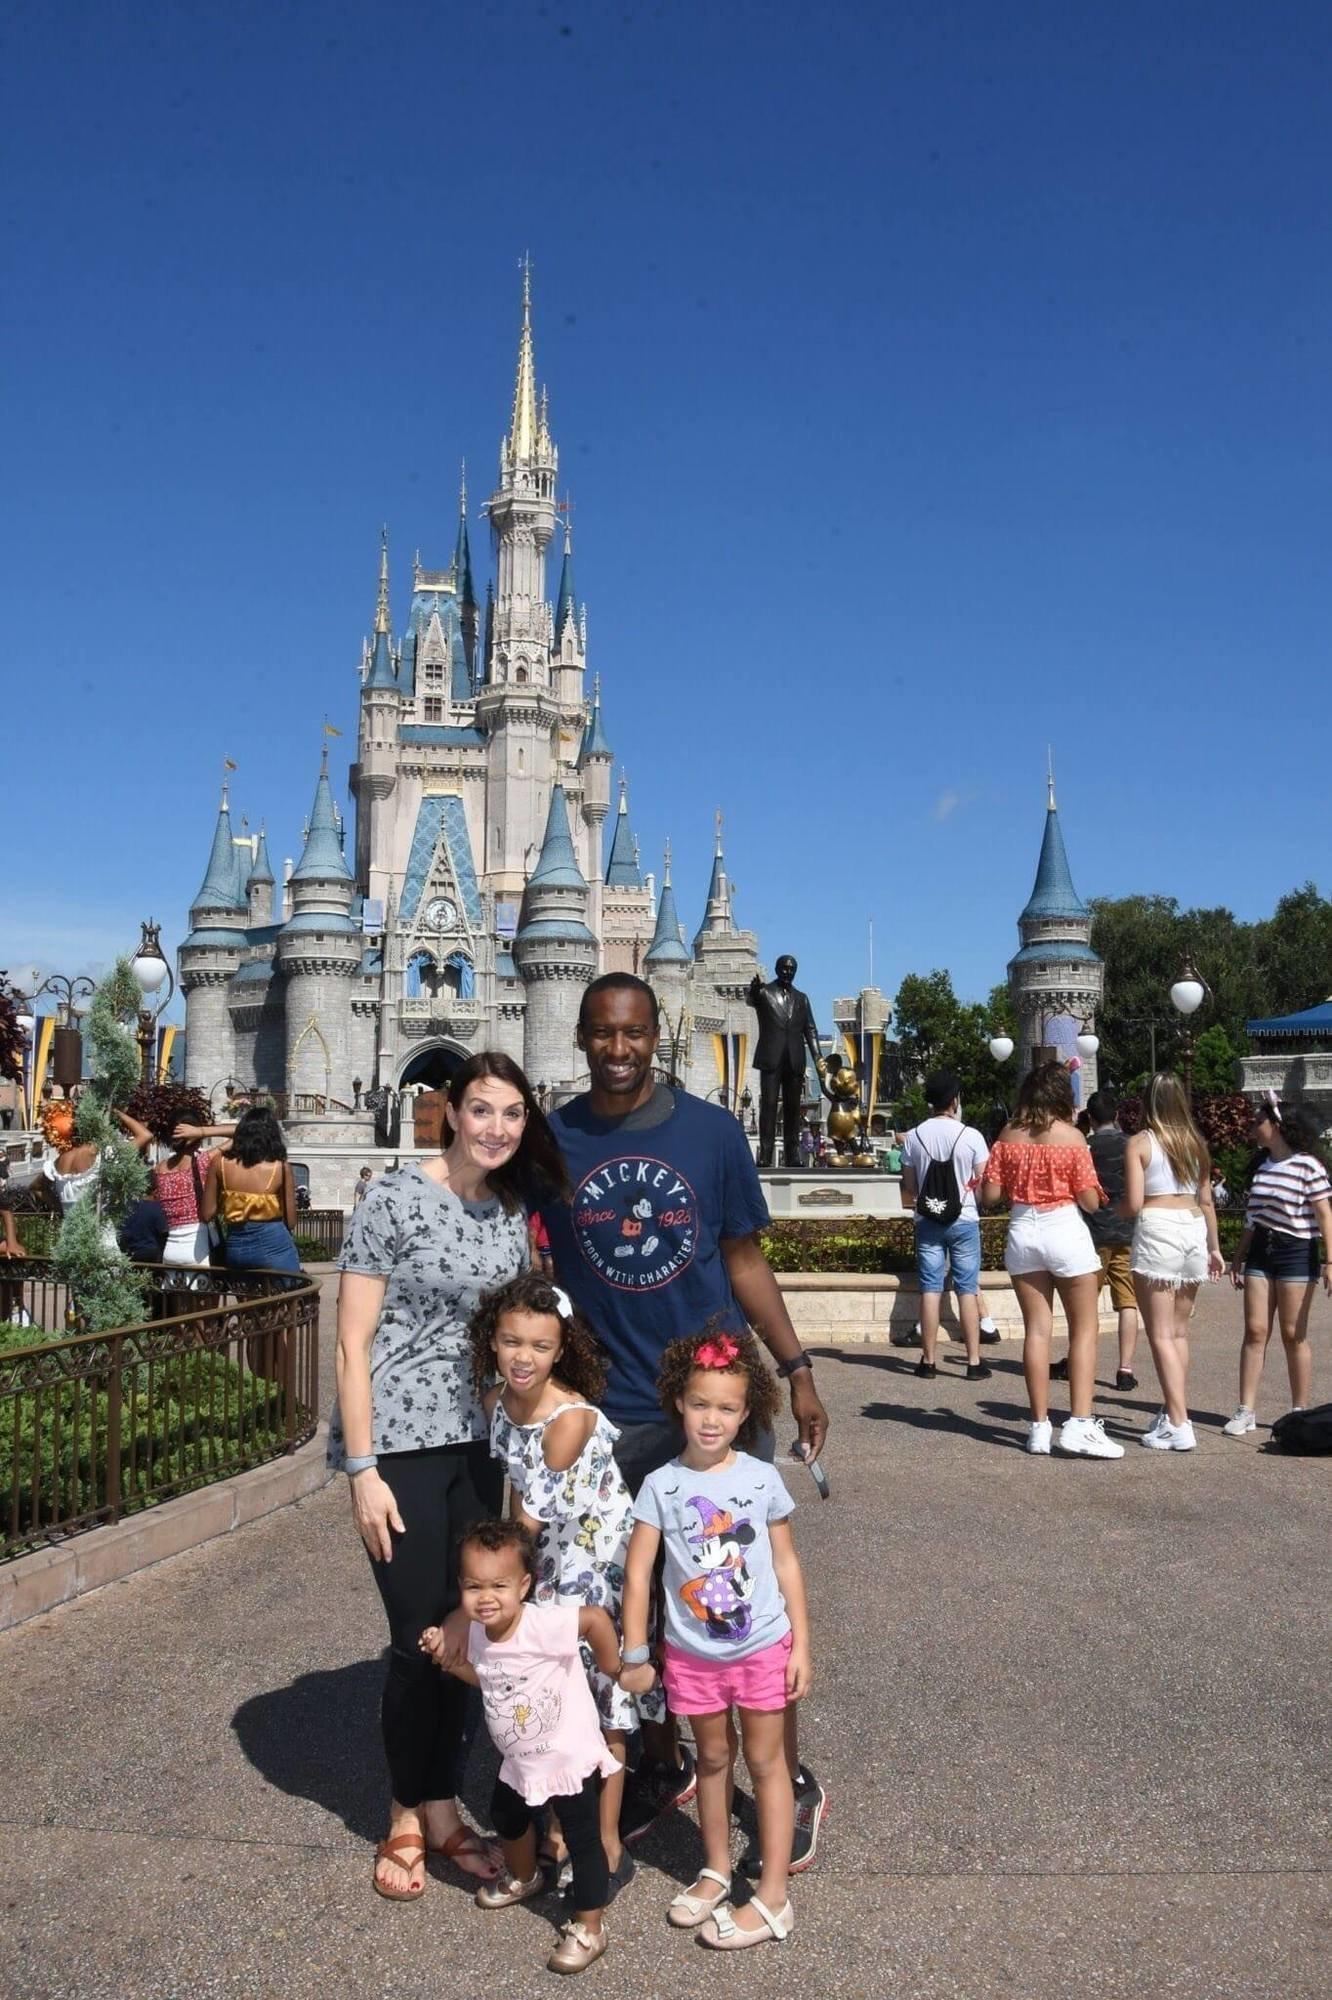 DeJuan Shorter, The Timely Traveler Disney World